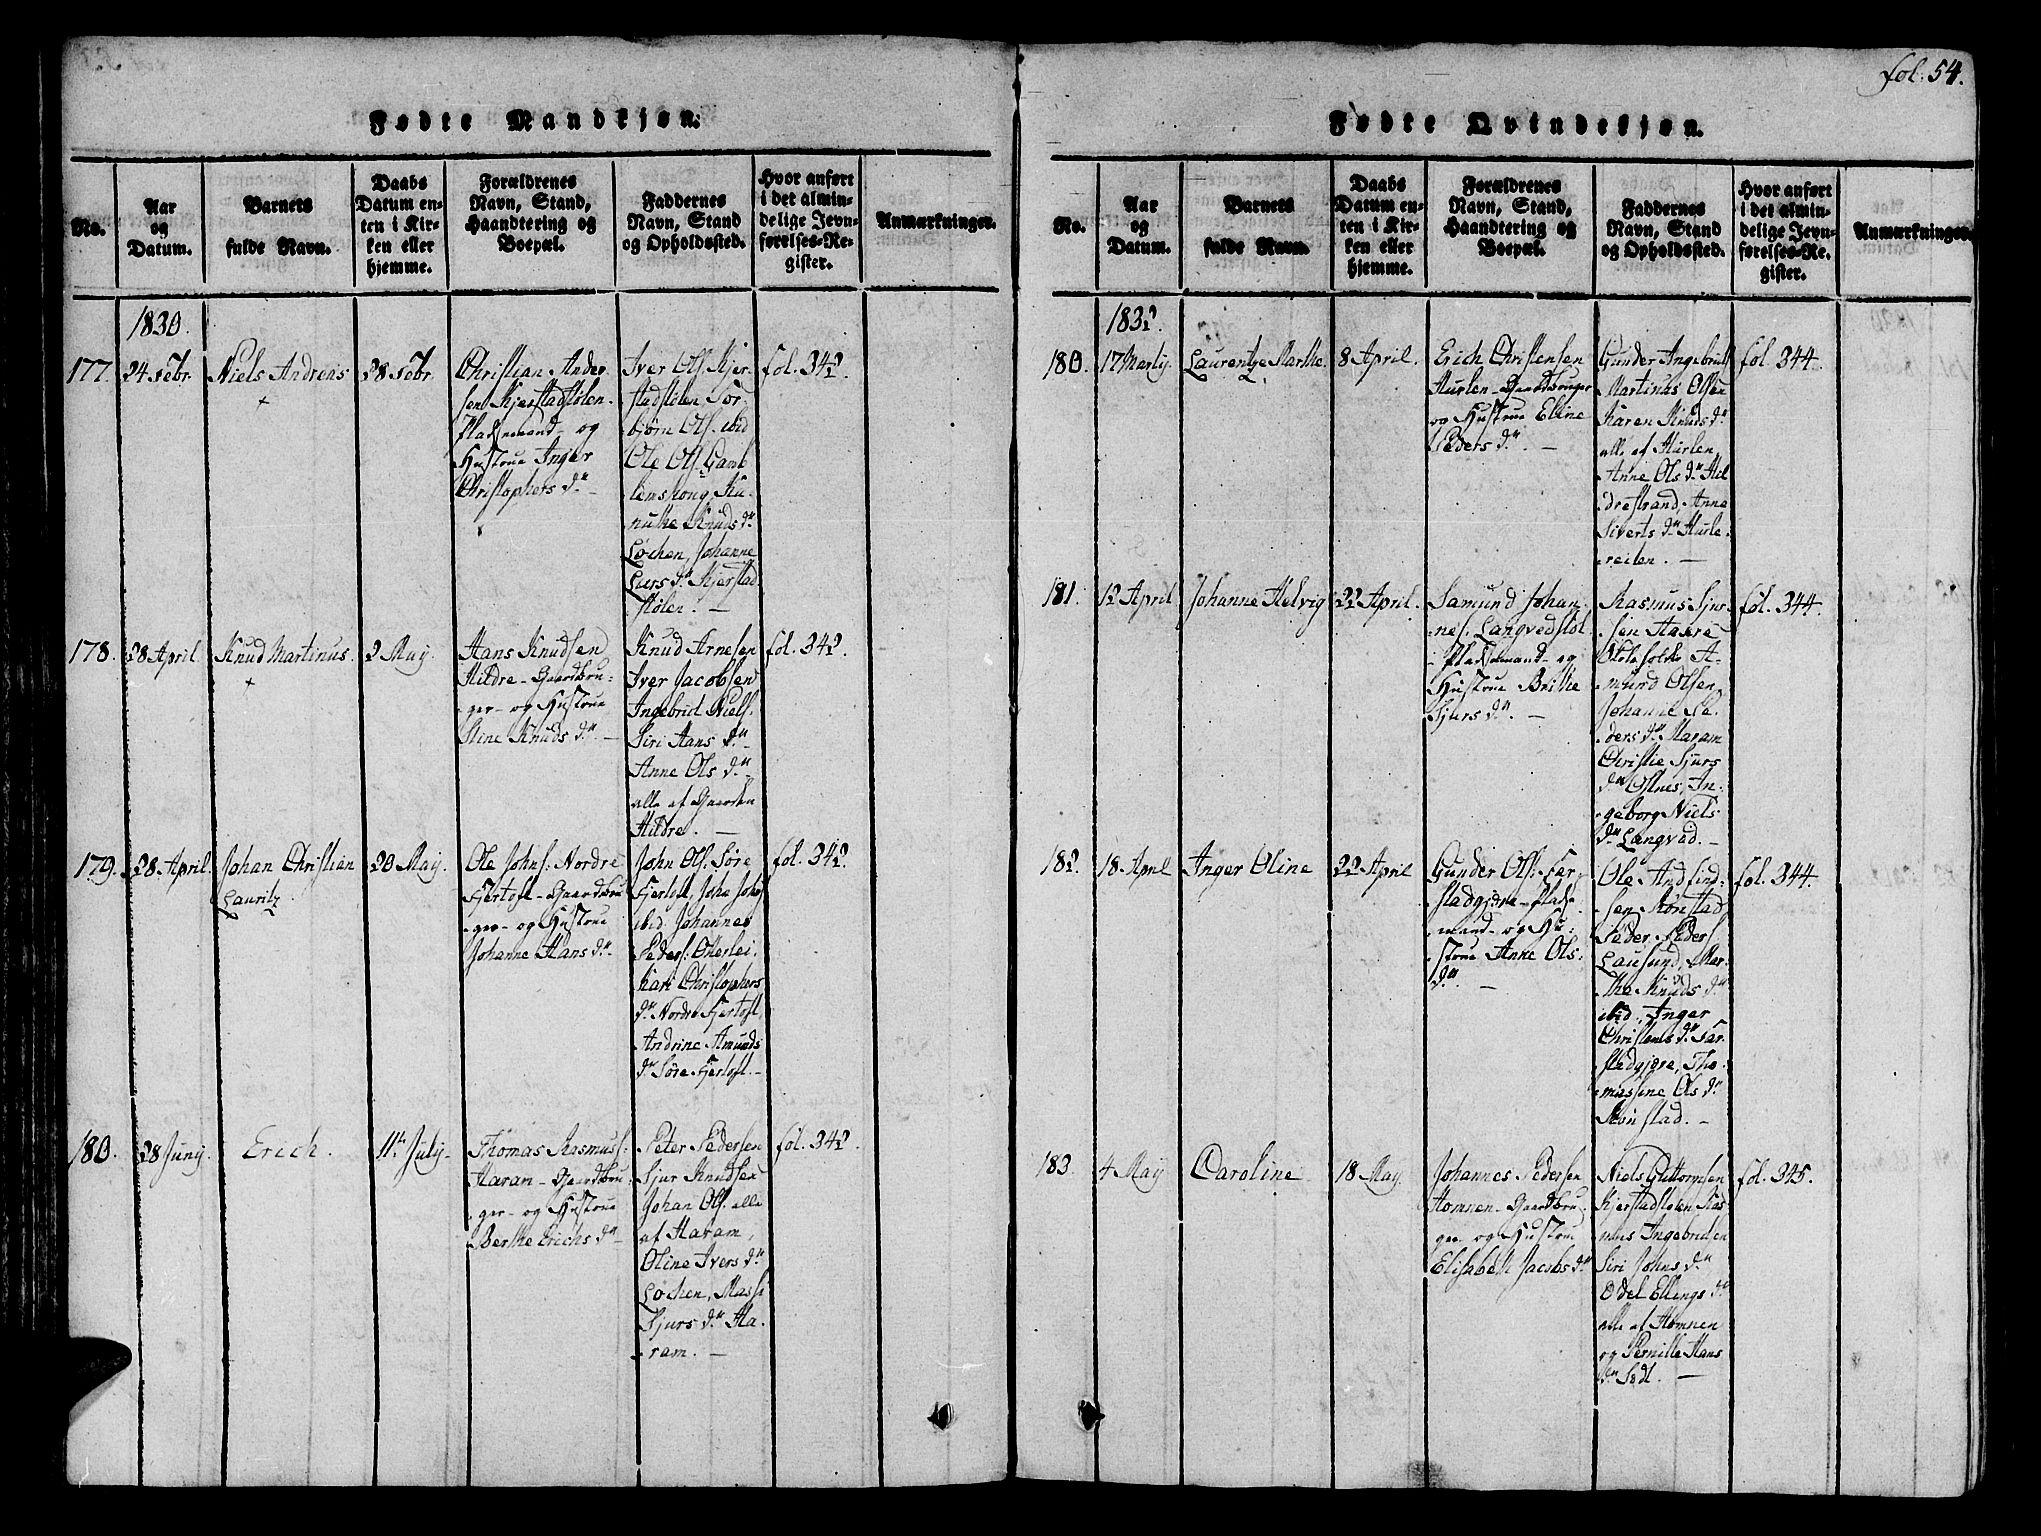 SAT, Ministerialprotokoller, klokkerbøker og fødselsregistre - Møre og Romsdal, 536/L0495: Ministerialbok nr. 536A04, 1818-1847, s. 54